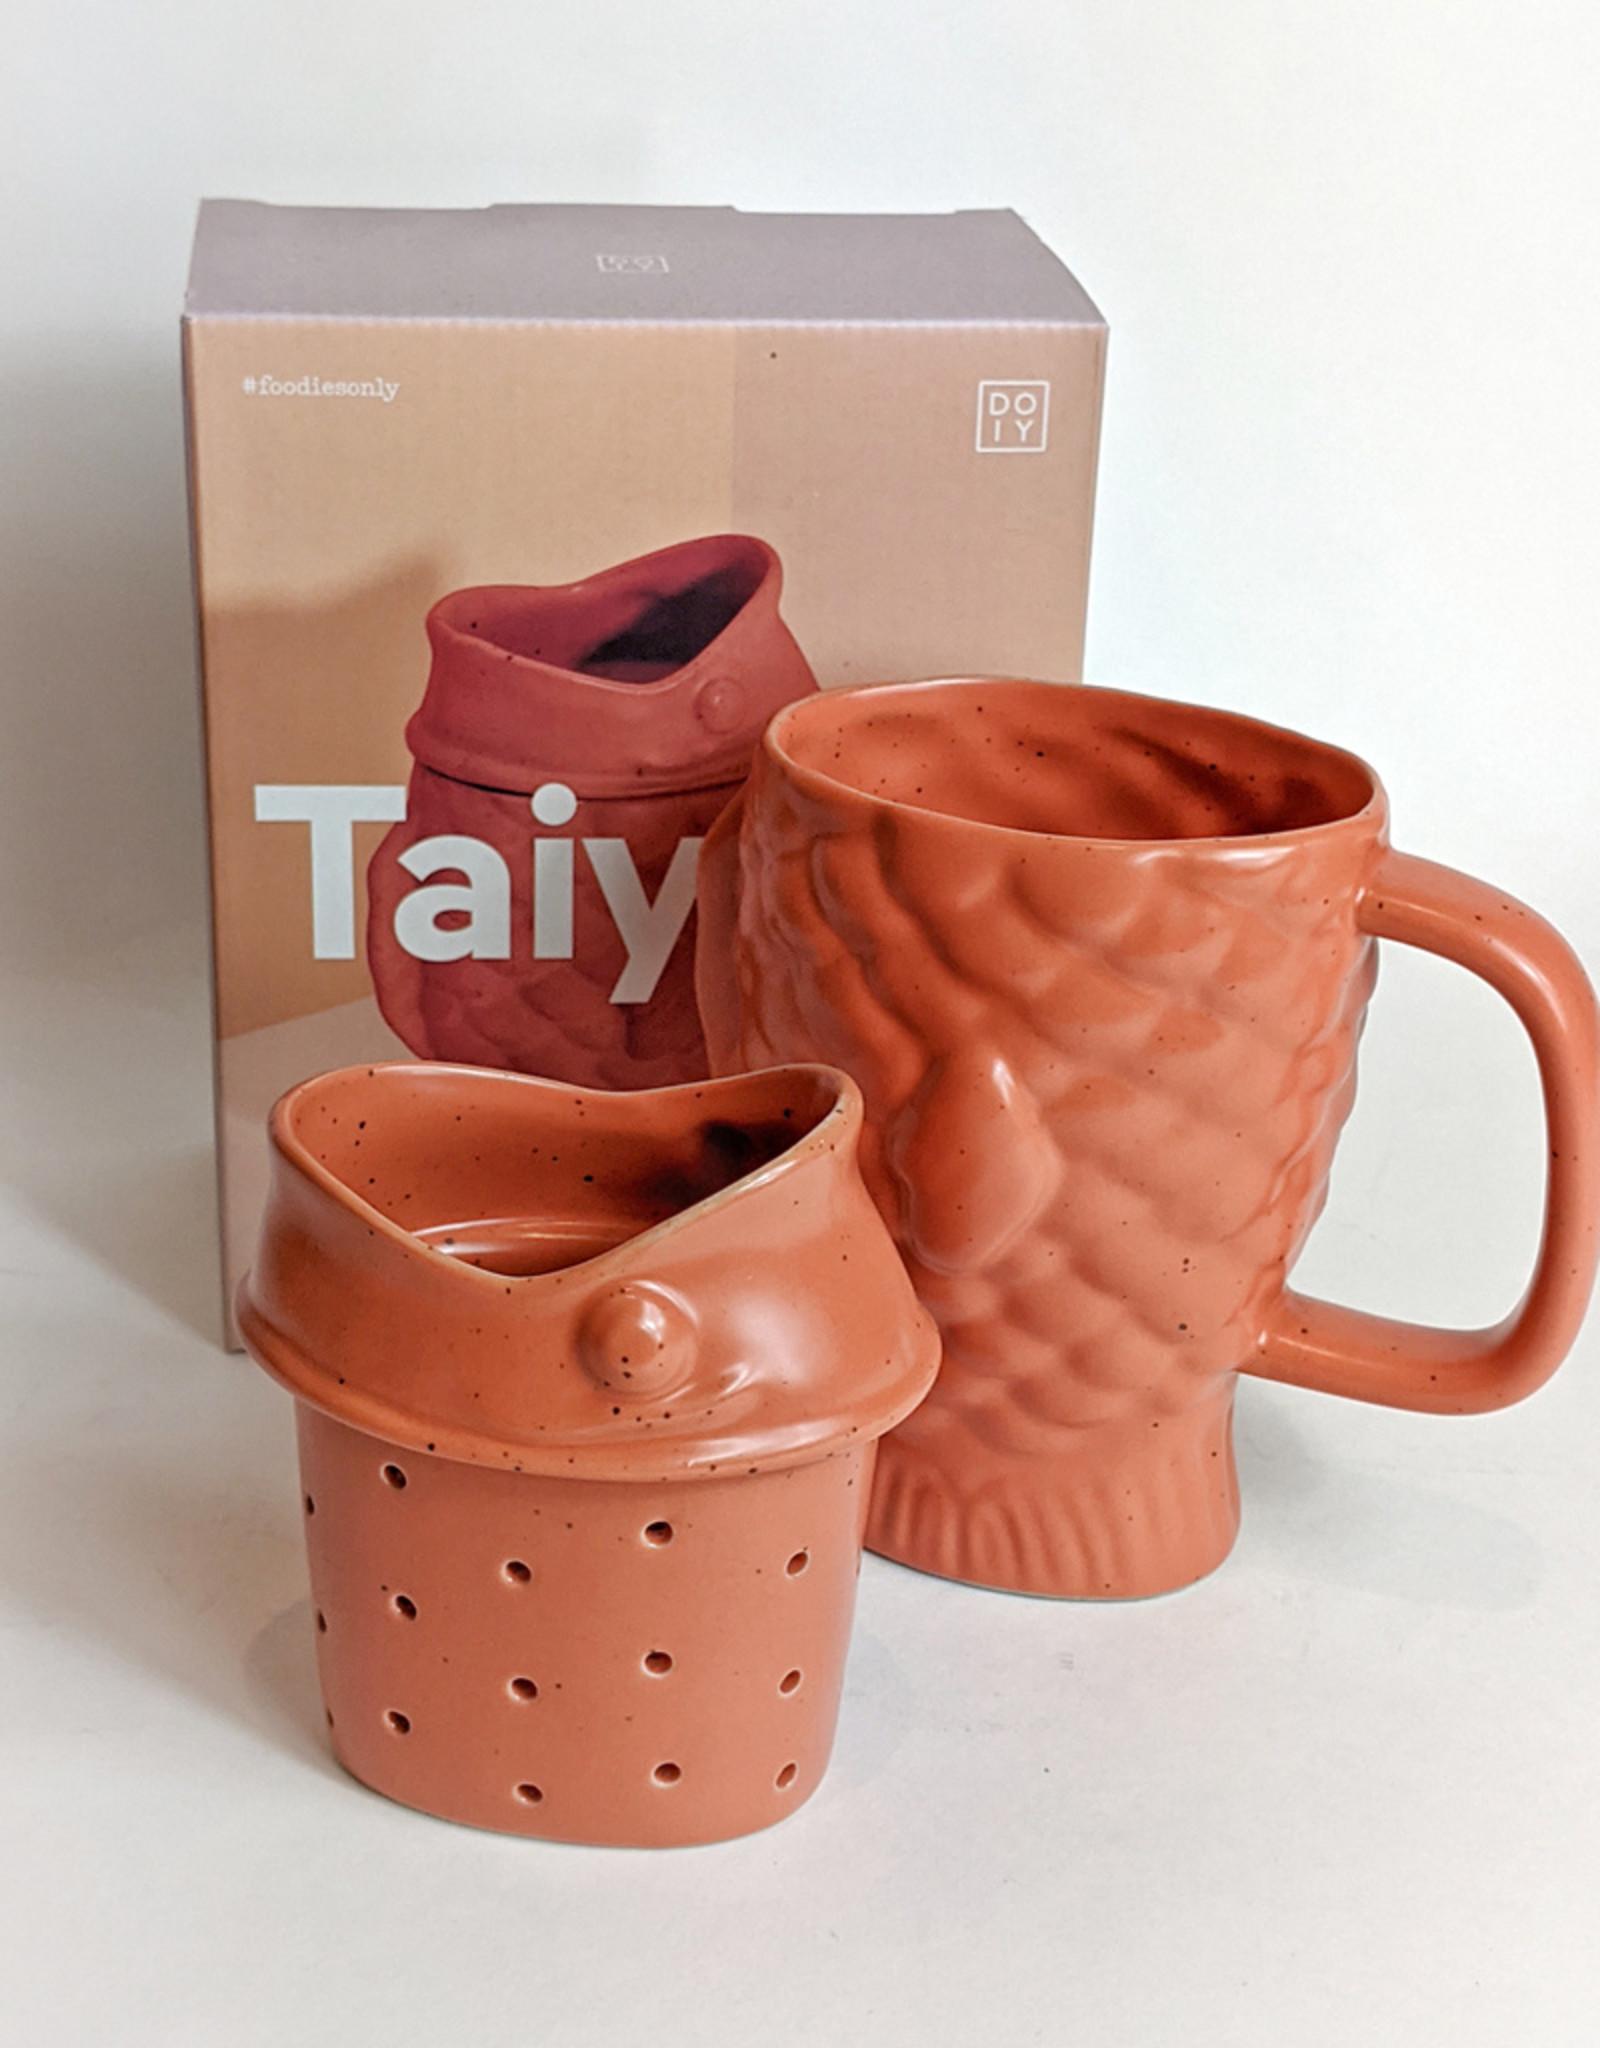 DOIY Taiyaki Tea Mug